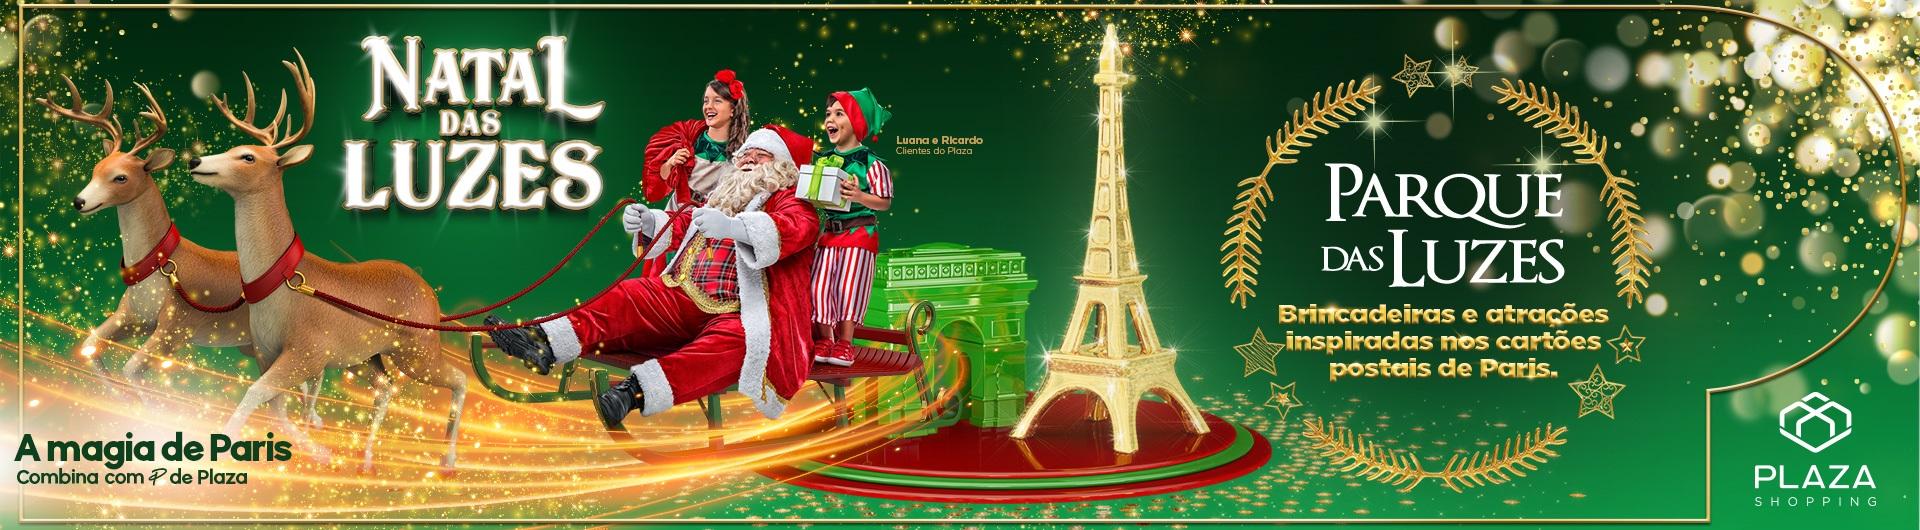 A magia de Paris no Plaza